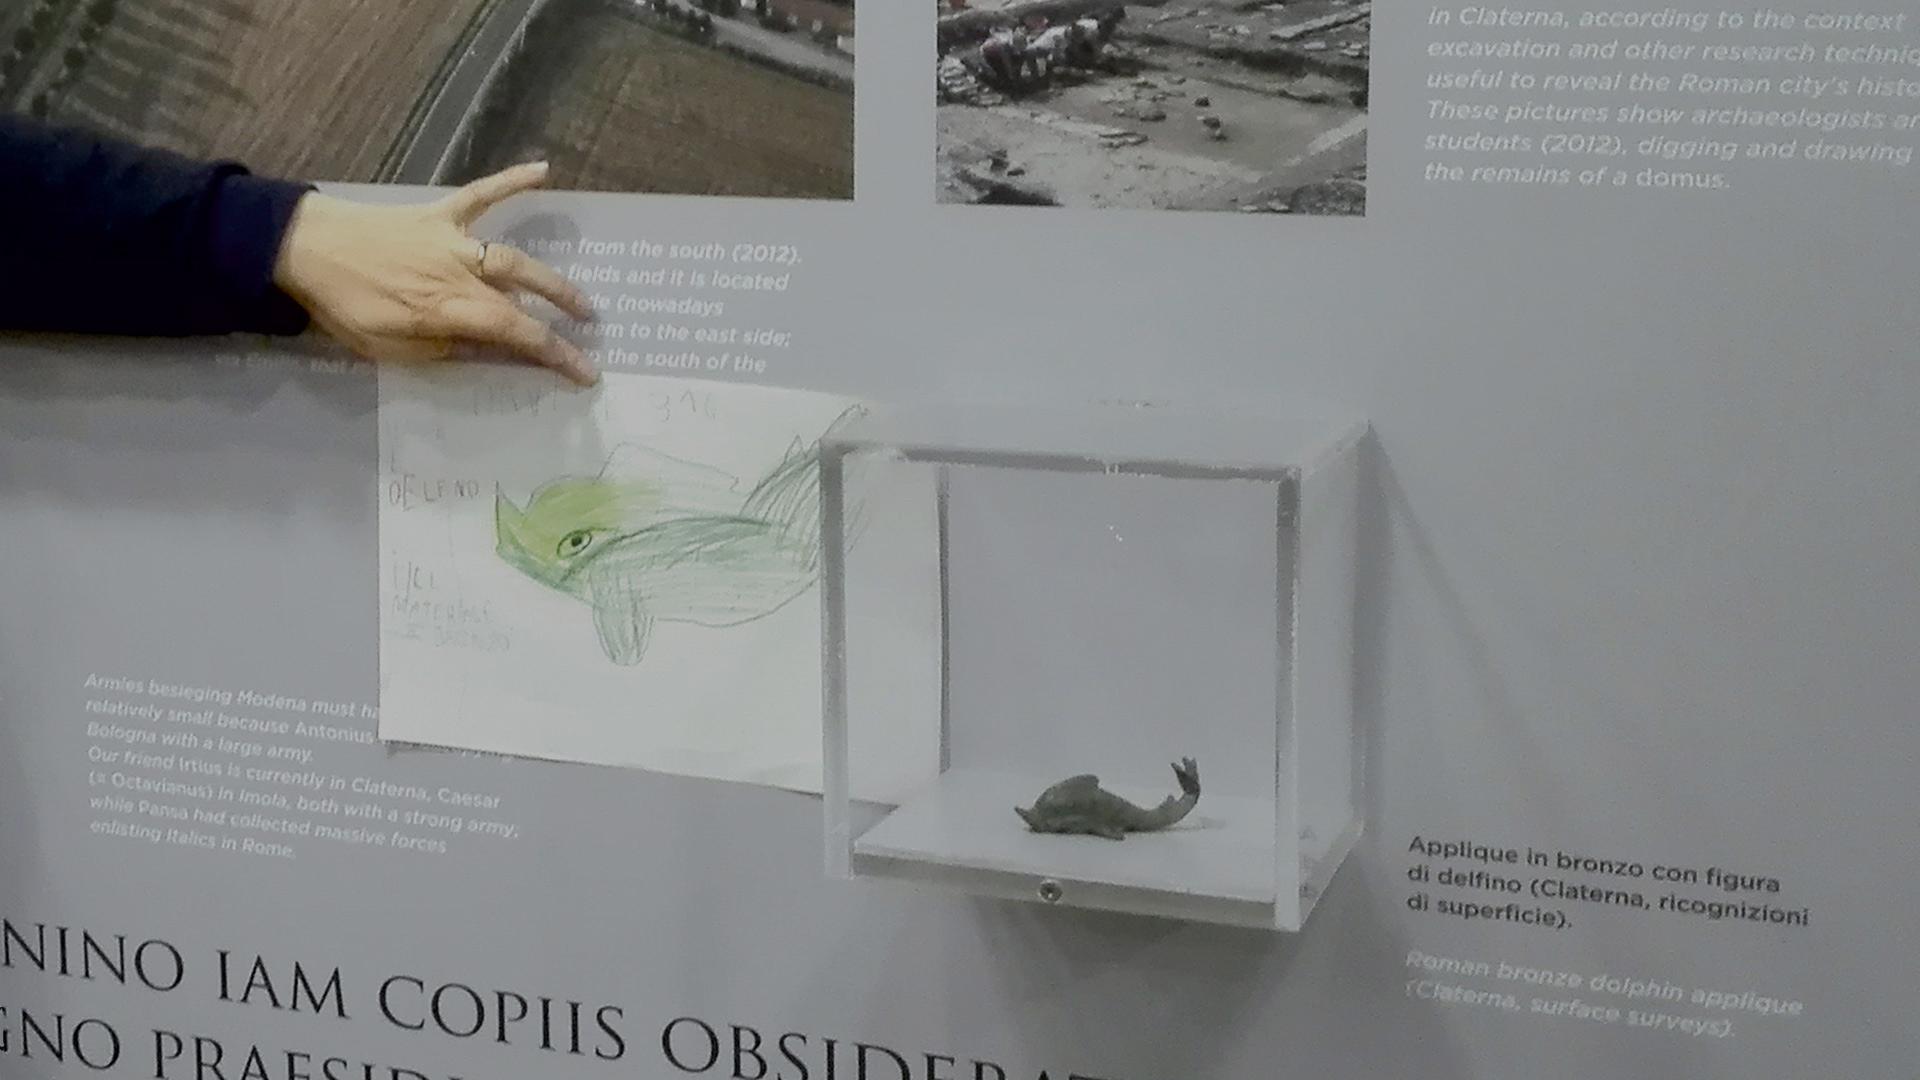 Le proposte didattiche del Museo di Claterna